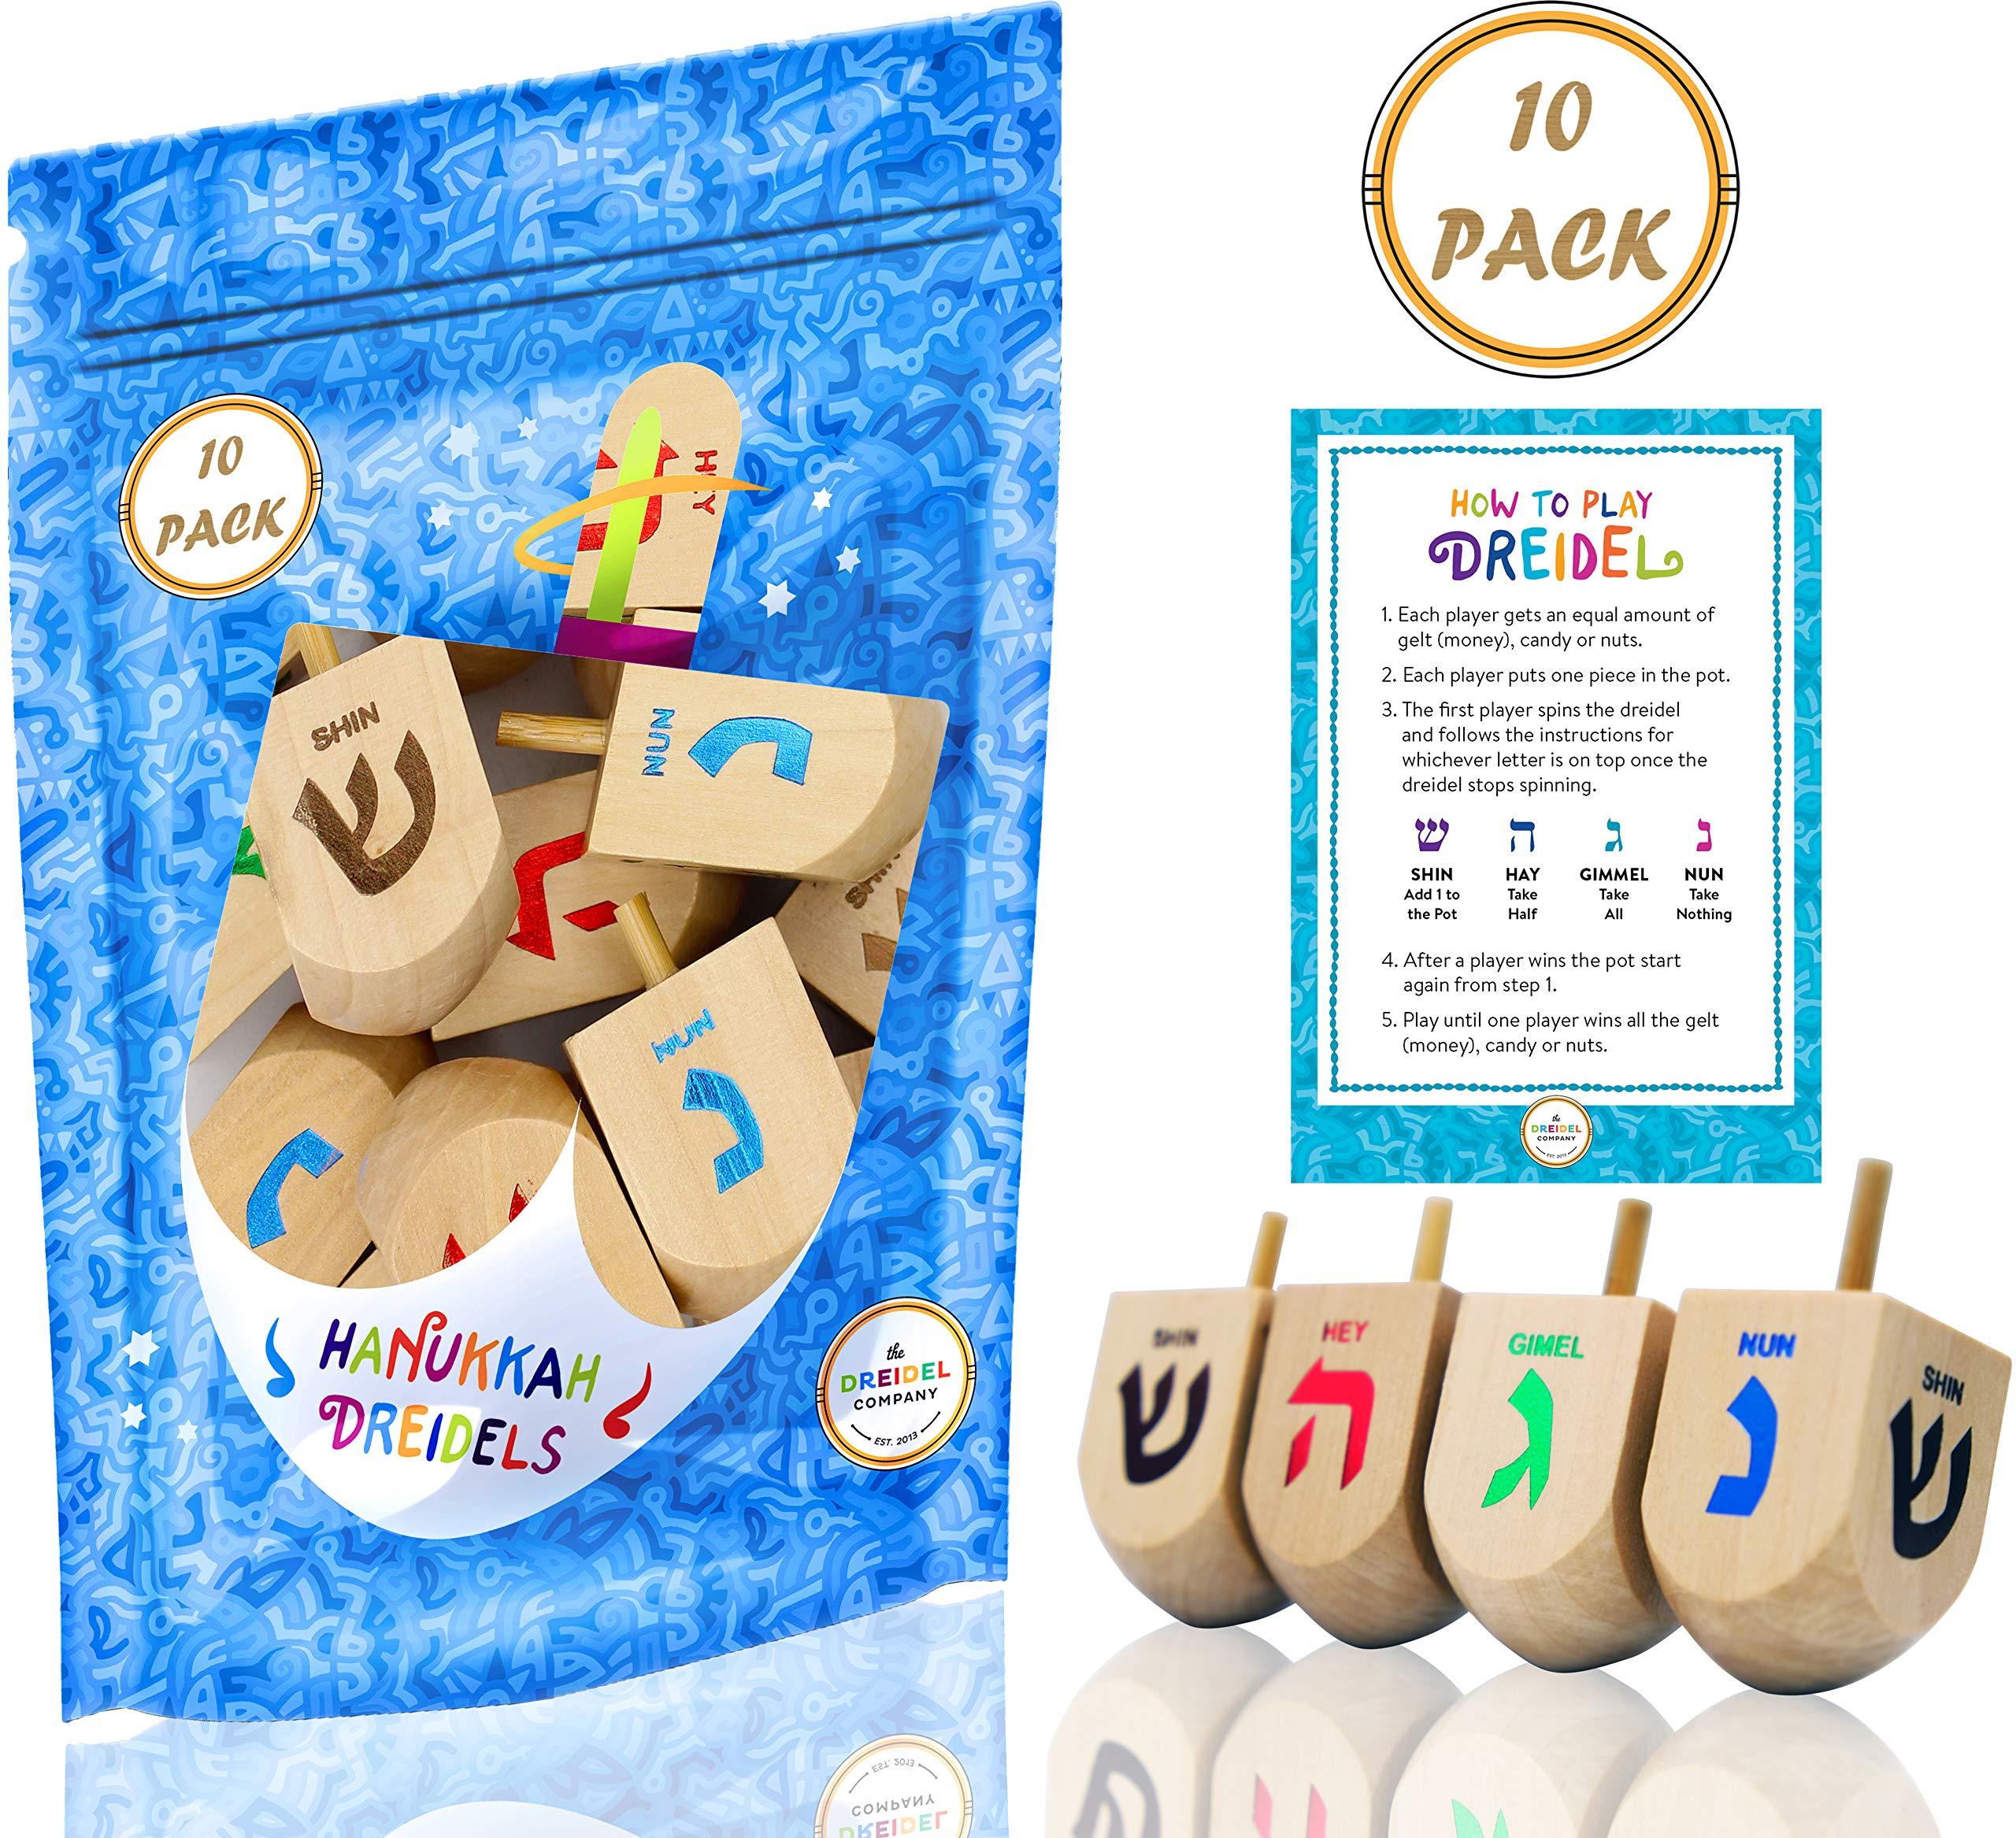 Hanukkah Dreidel Extra Large Wooden Dreidels Hand Painted - Includes Game Instruction Cards! (10-Pack XL Dreidels)